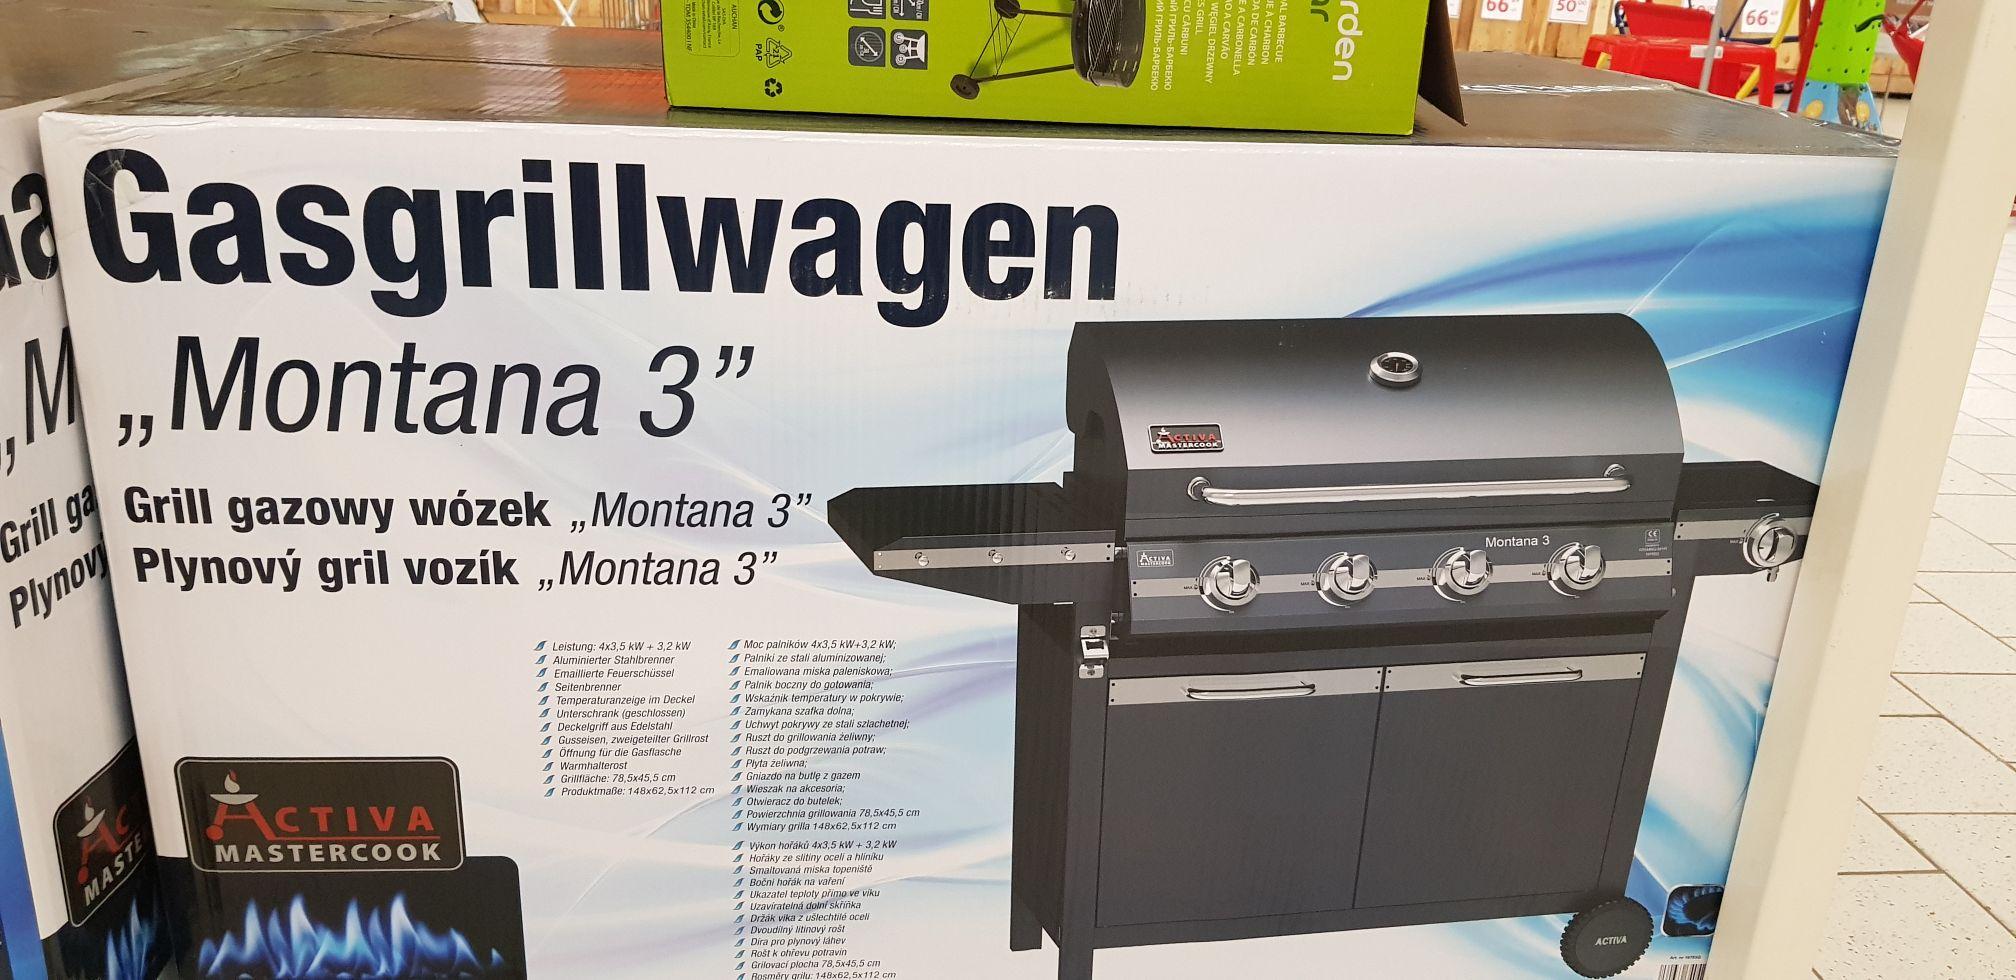 Grill gazowy Activa Montana 3 w Auchan Bytom